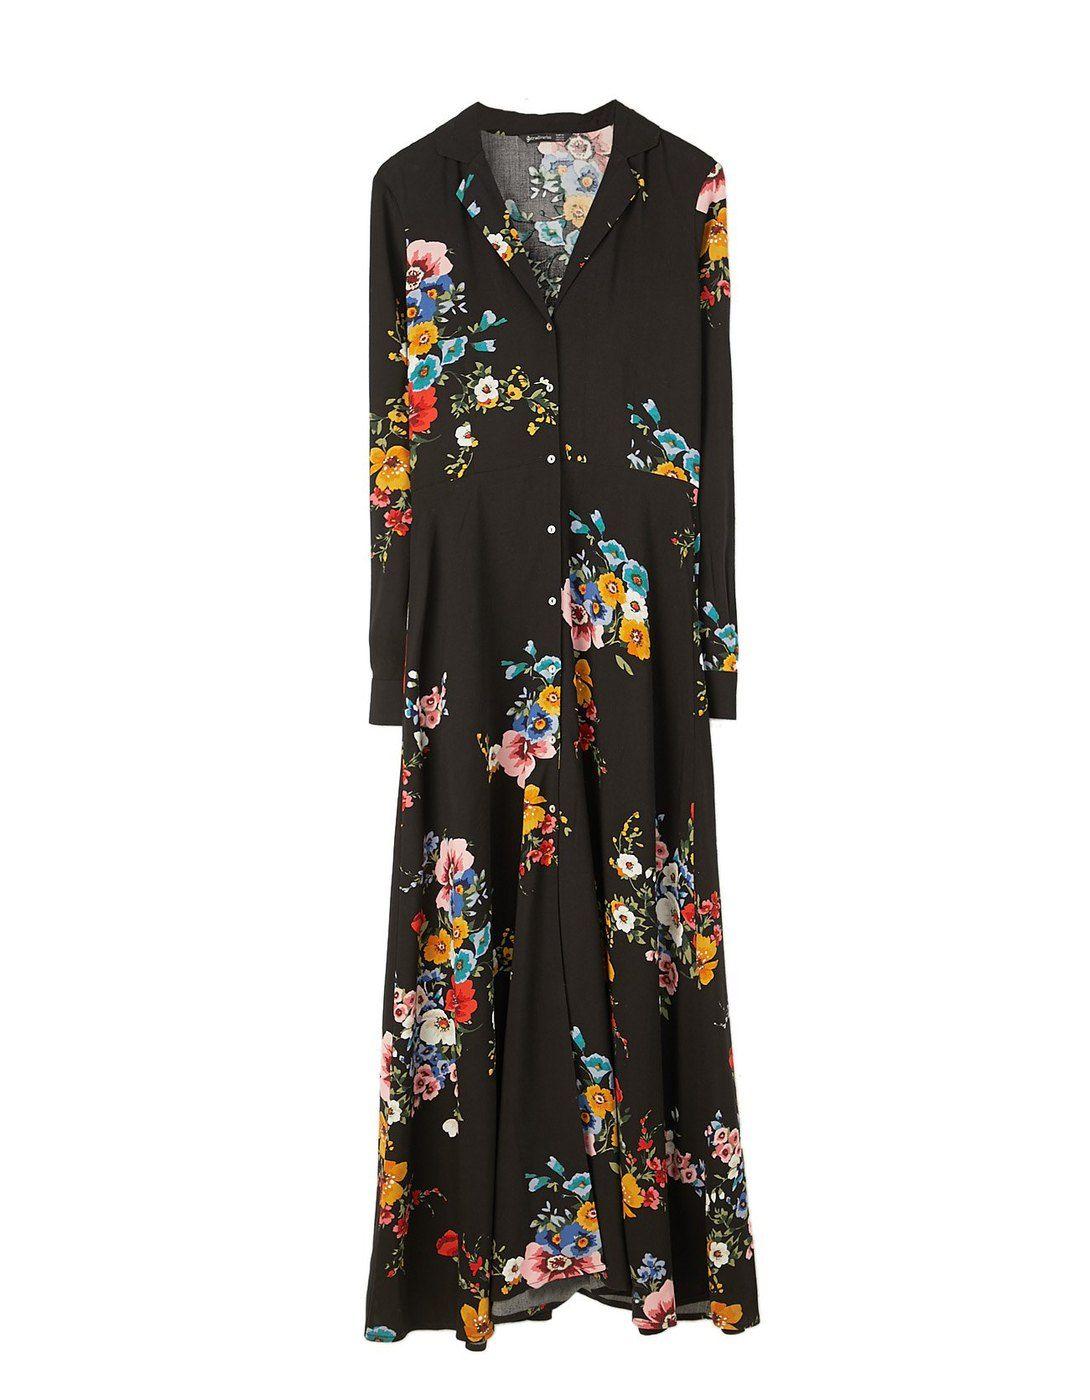 Vestido camisero flores largo 29,95 EUR   Stradivarius